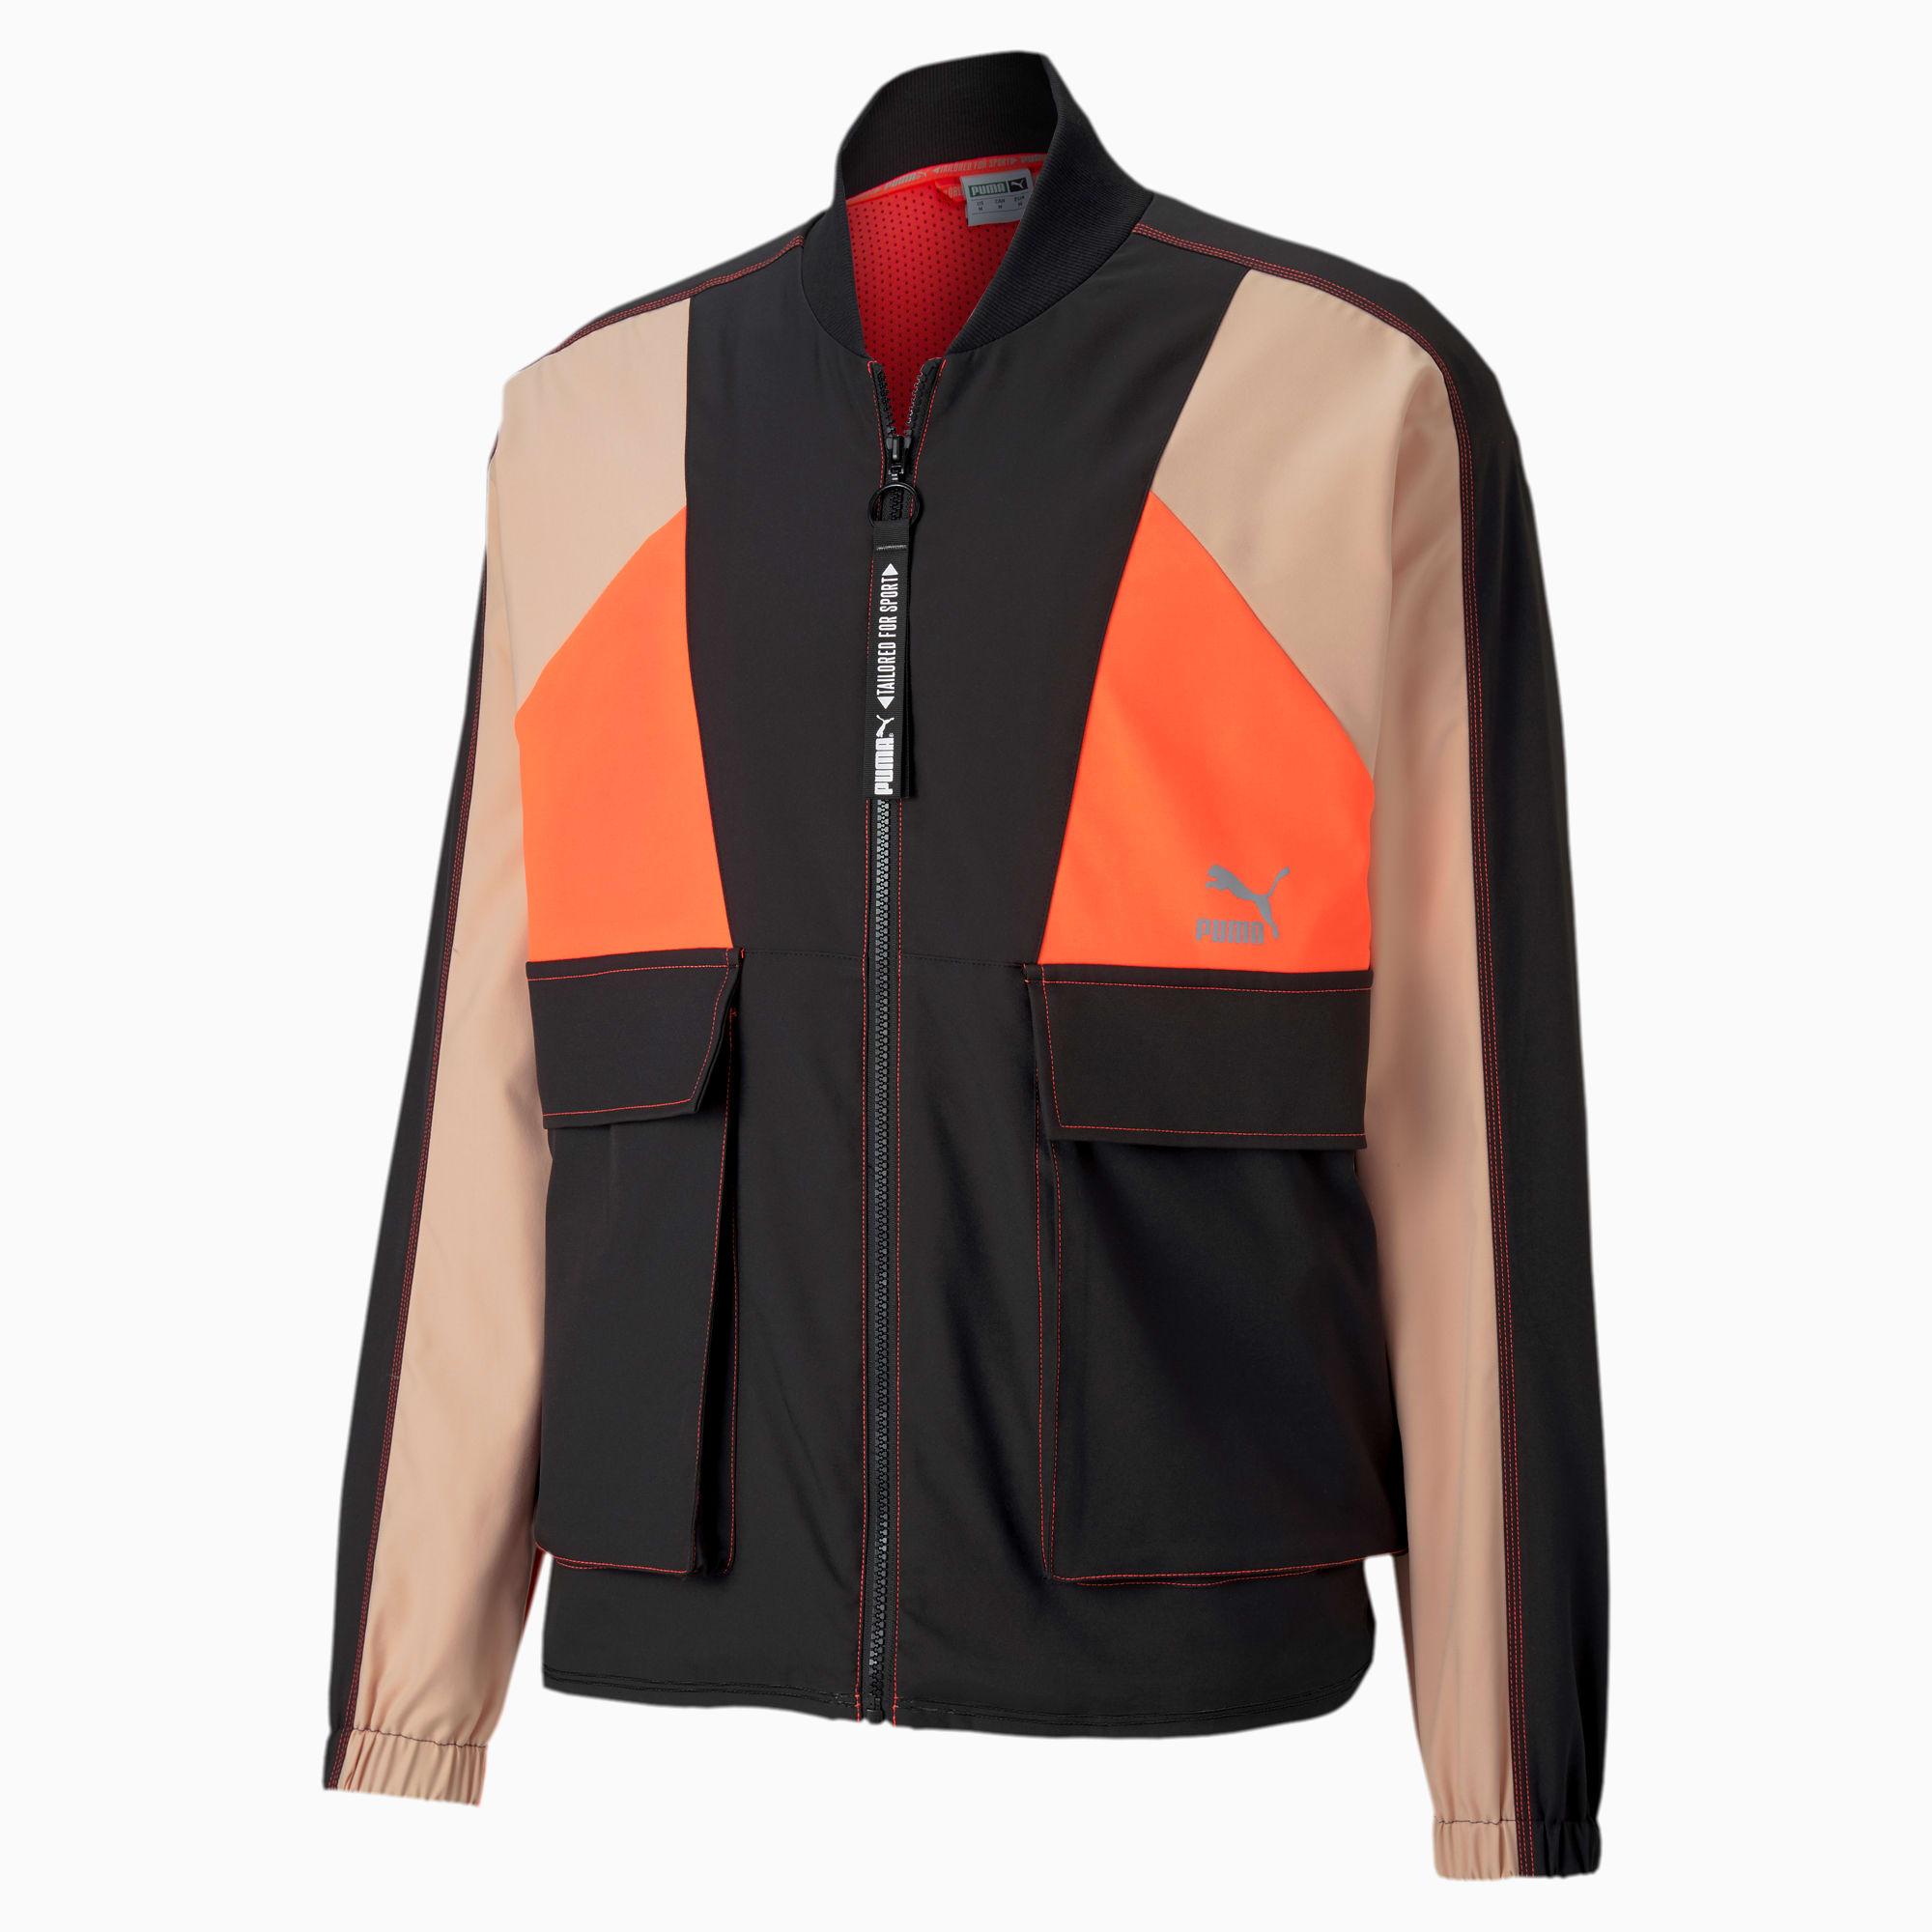 PUMA Blouson de survêtement Tailored for Sport Industrial pour Homme, Noir, Taille S, Vêtements